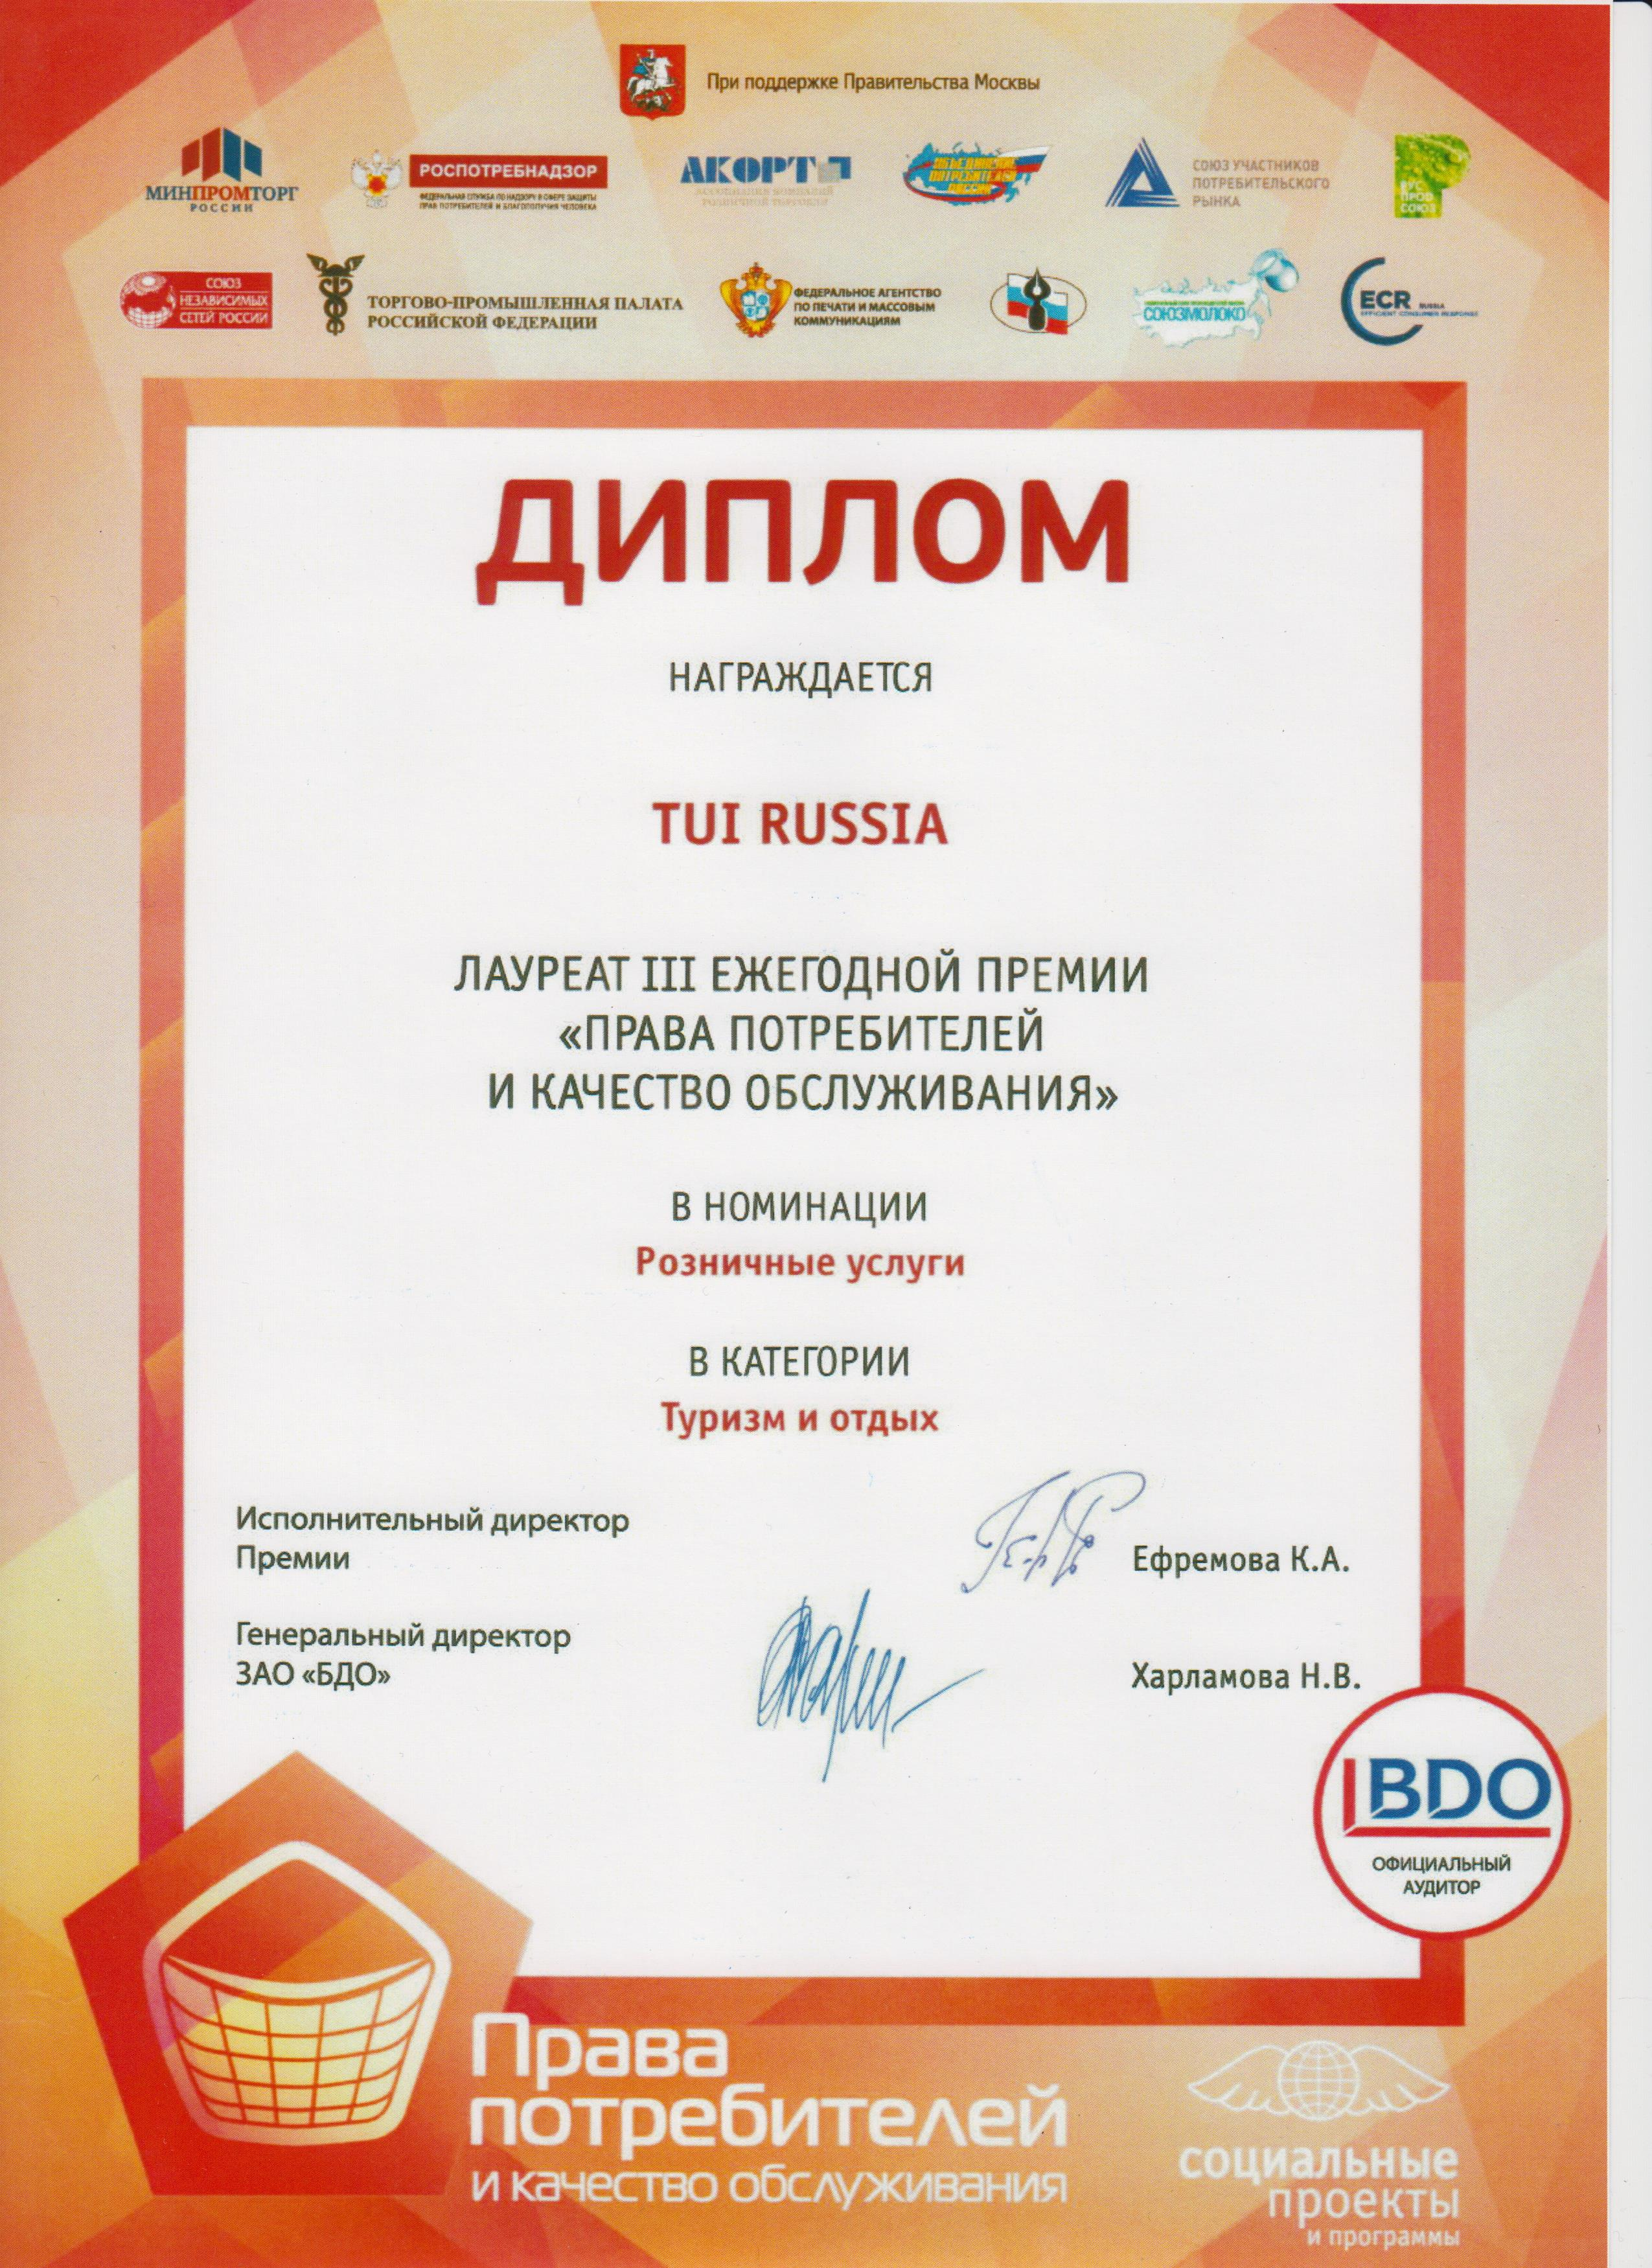 Дипломы Туристическая фирма Екатеринбурга Турфирма в Екатеринбурге Узнать подробнее